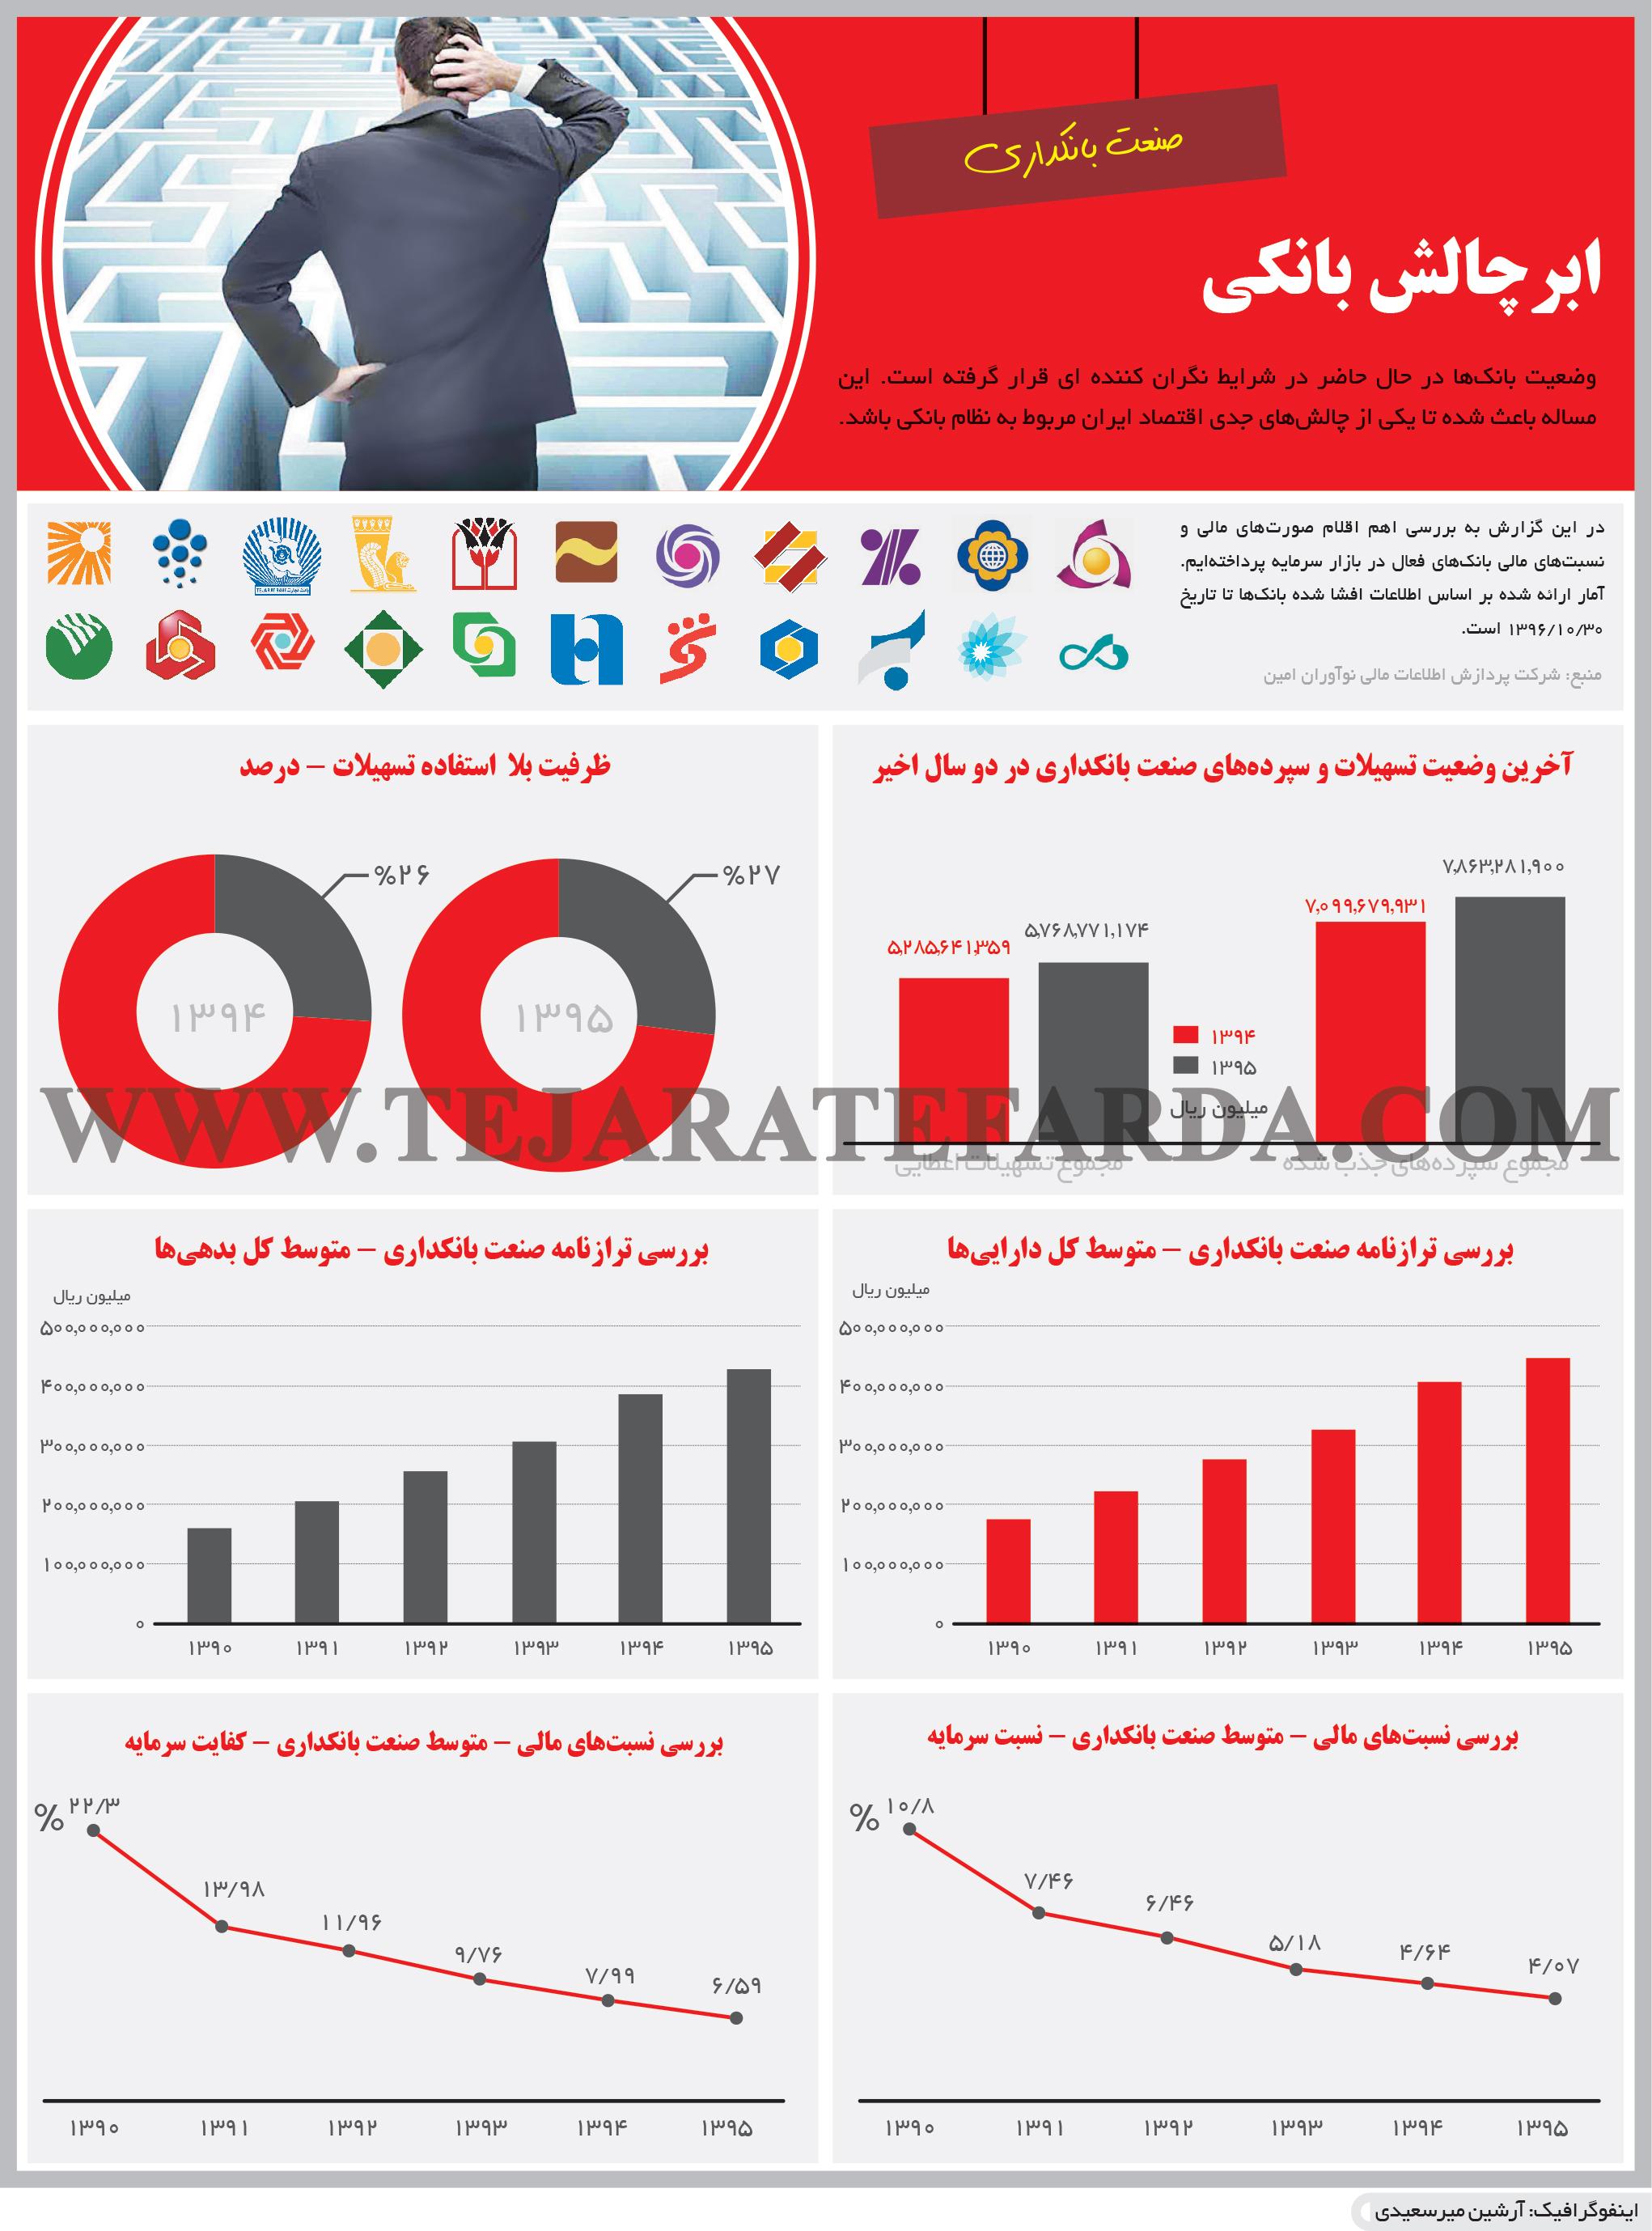 تجارت فردا- اینفوگرافیک- ابرچالش بانکی